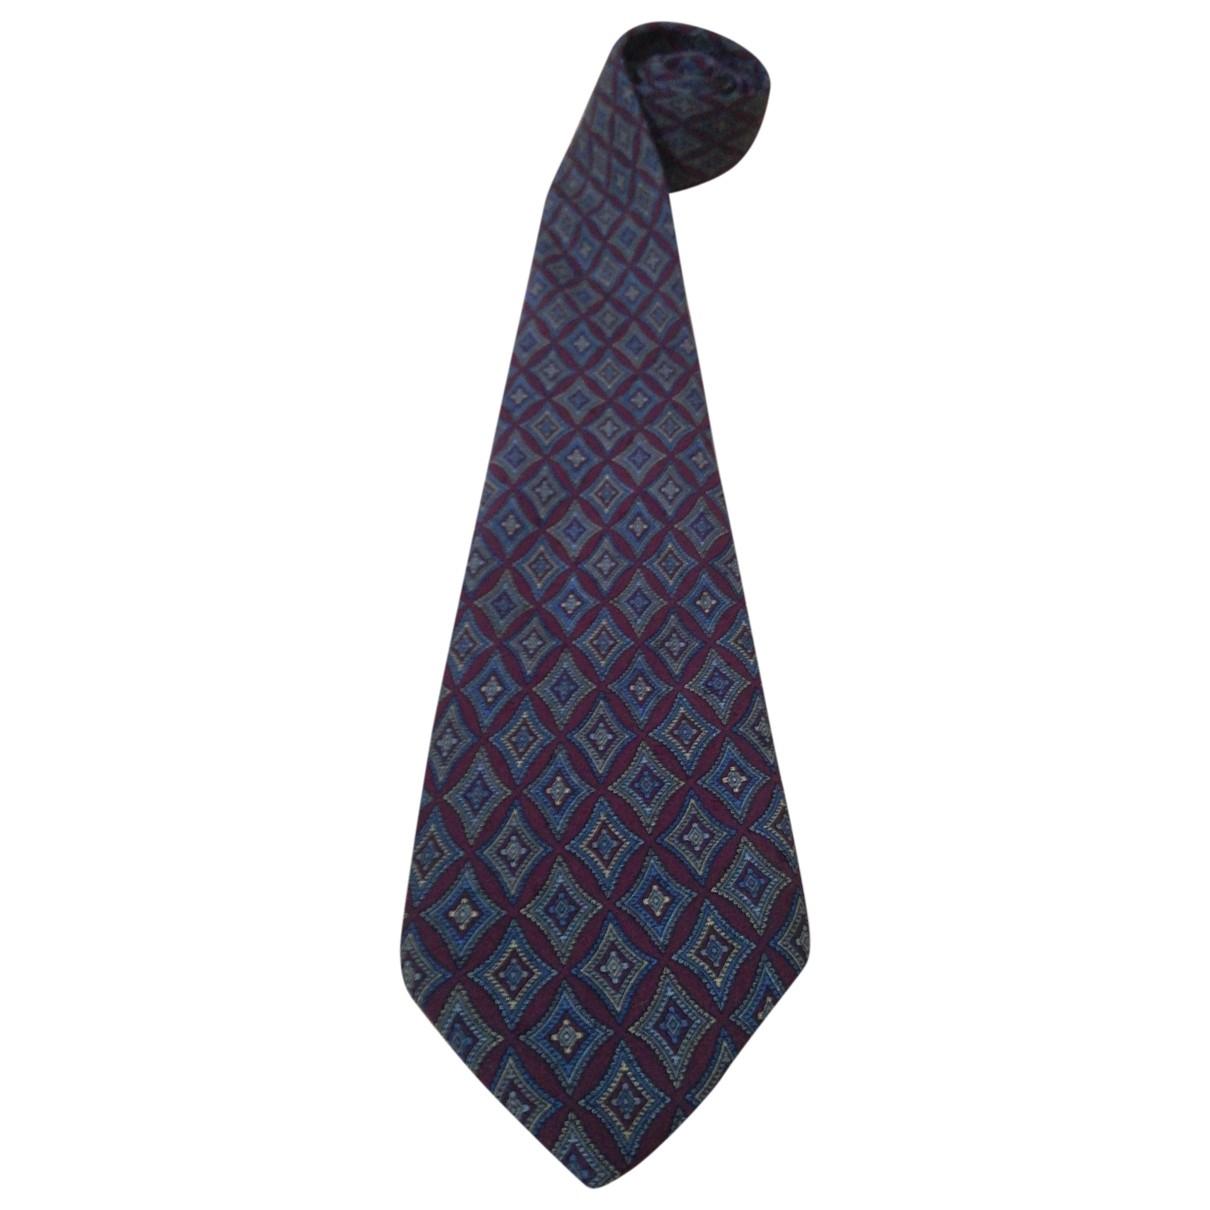 Christian Dior - Cravates   pour homme en soie - multicolore